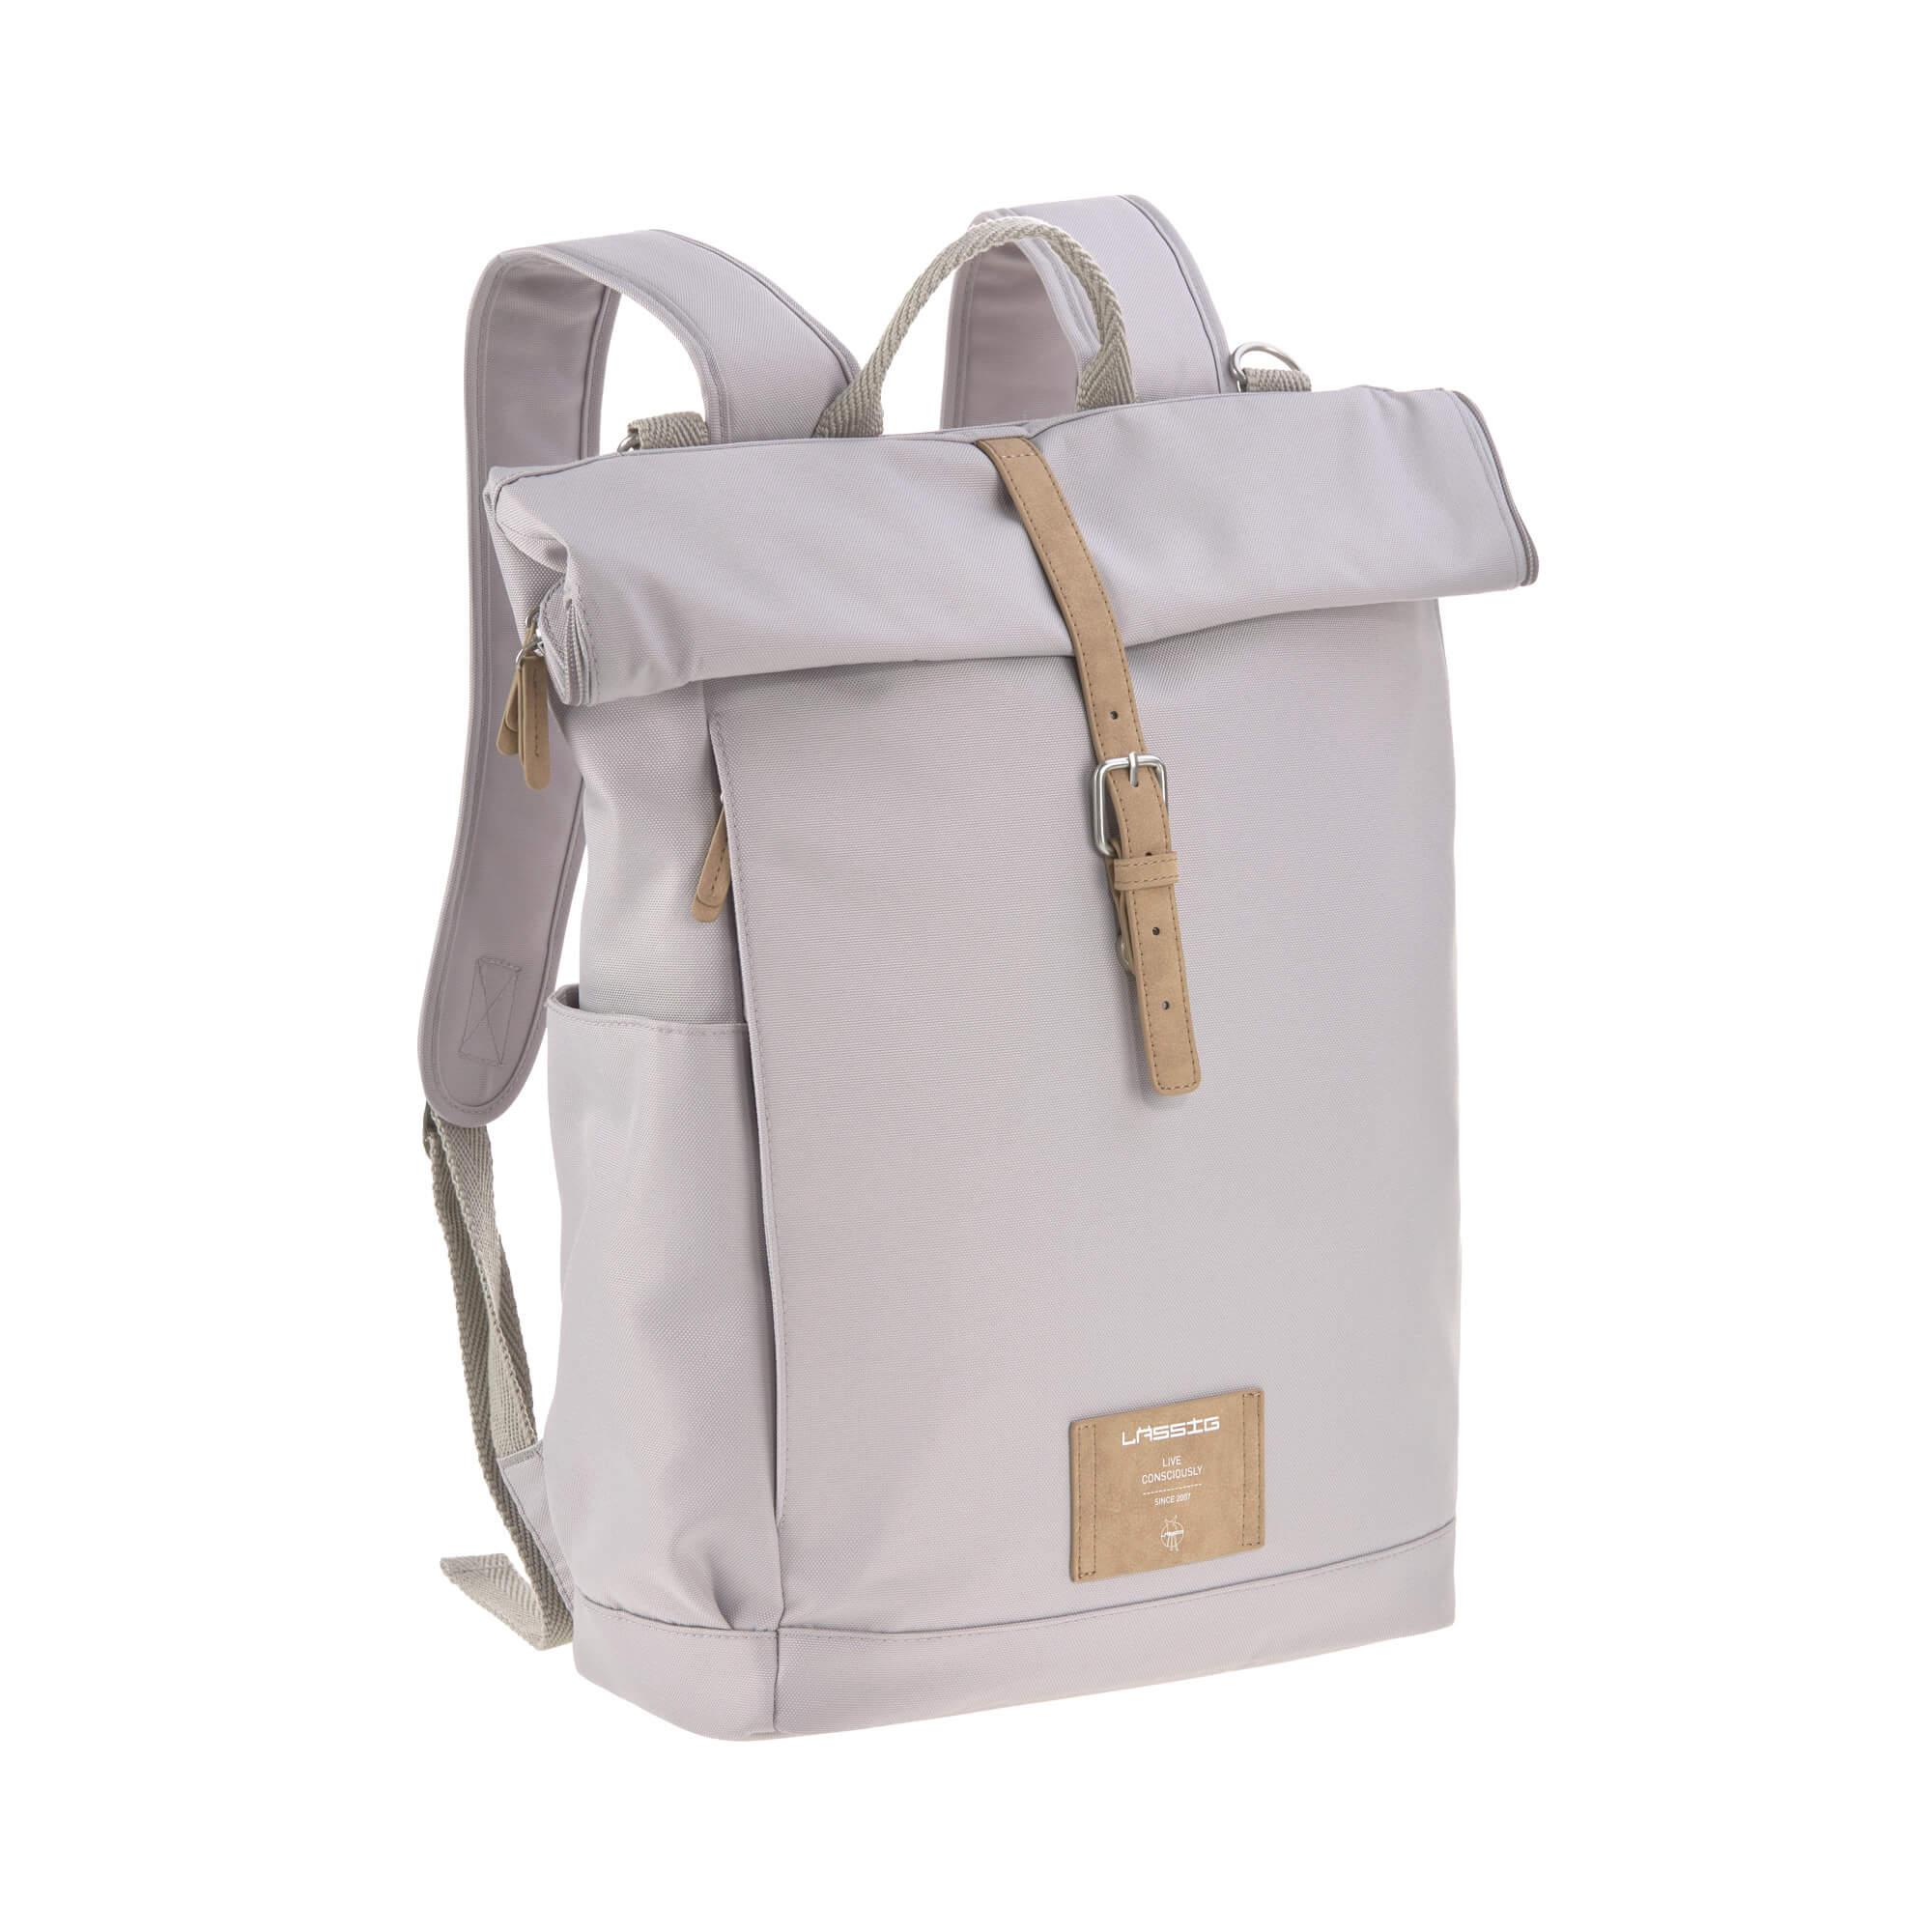 Wickelrucksack - Rolltop Backpack - Grau - Lässig